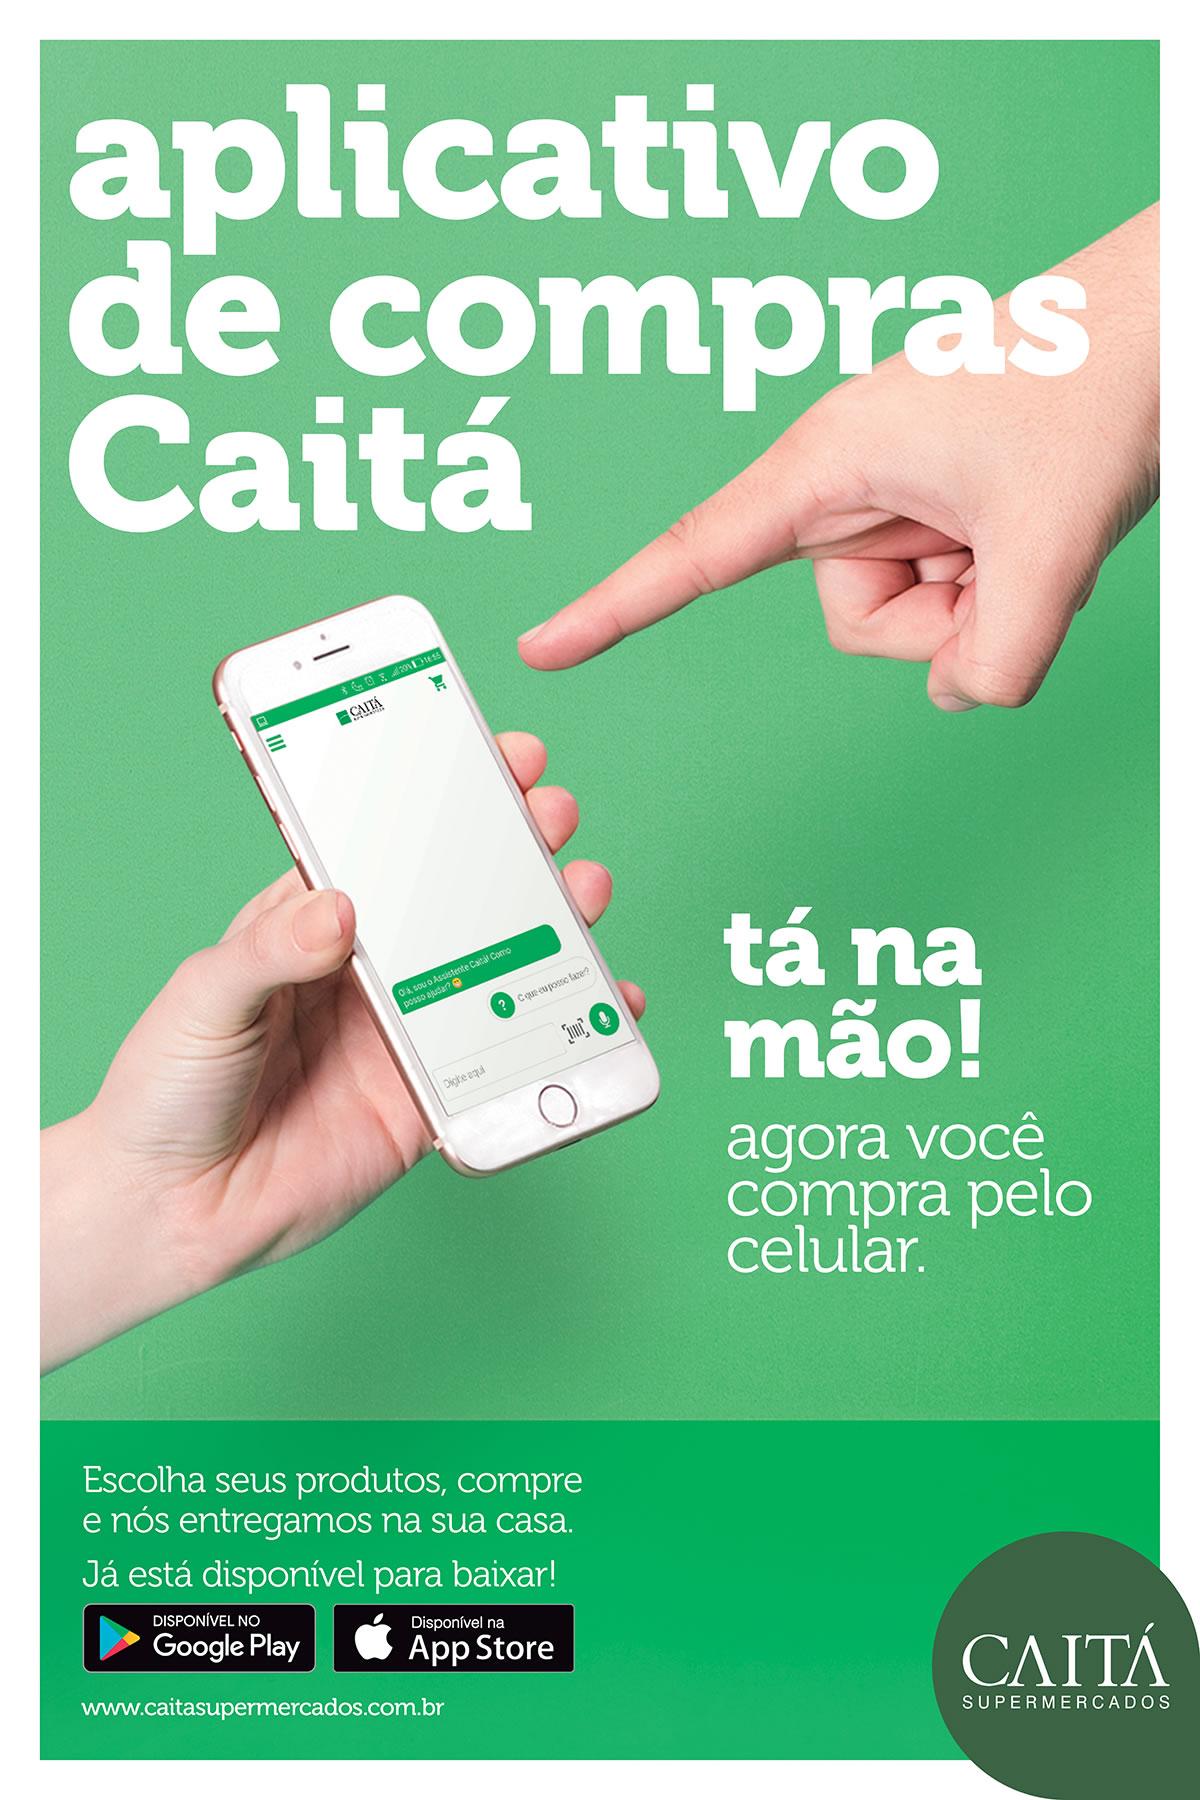 caita_app_funcao01